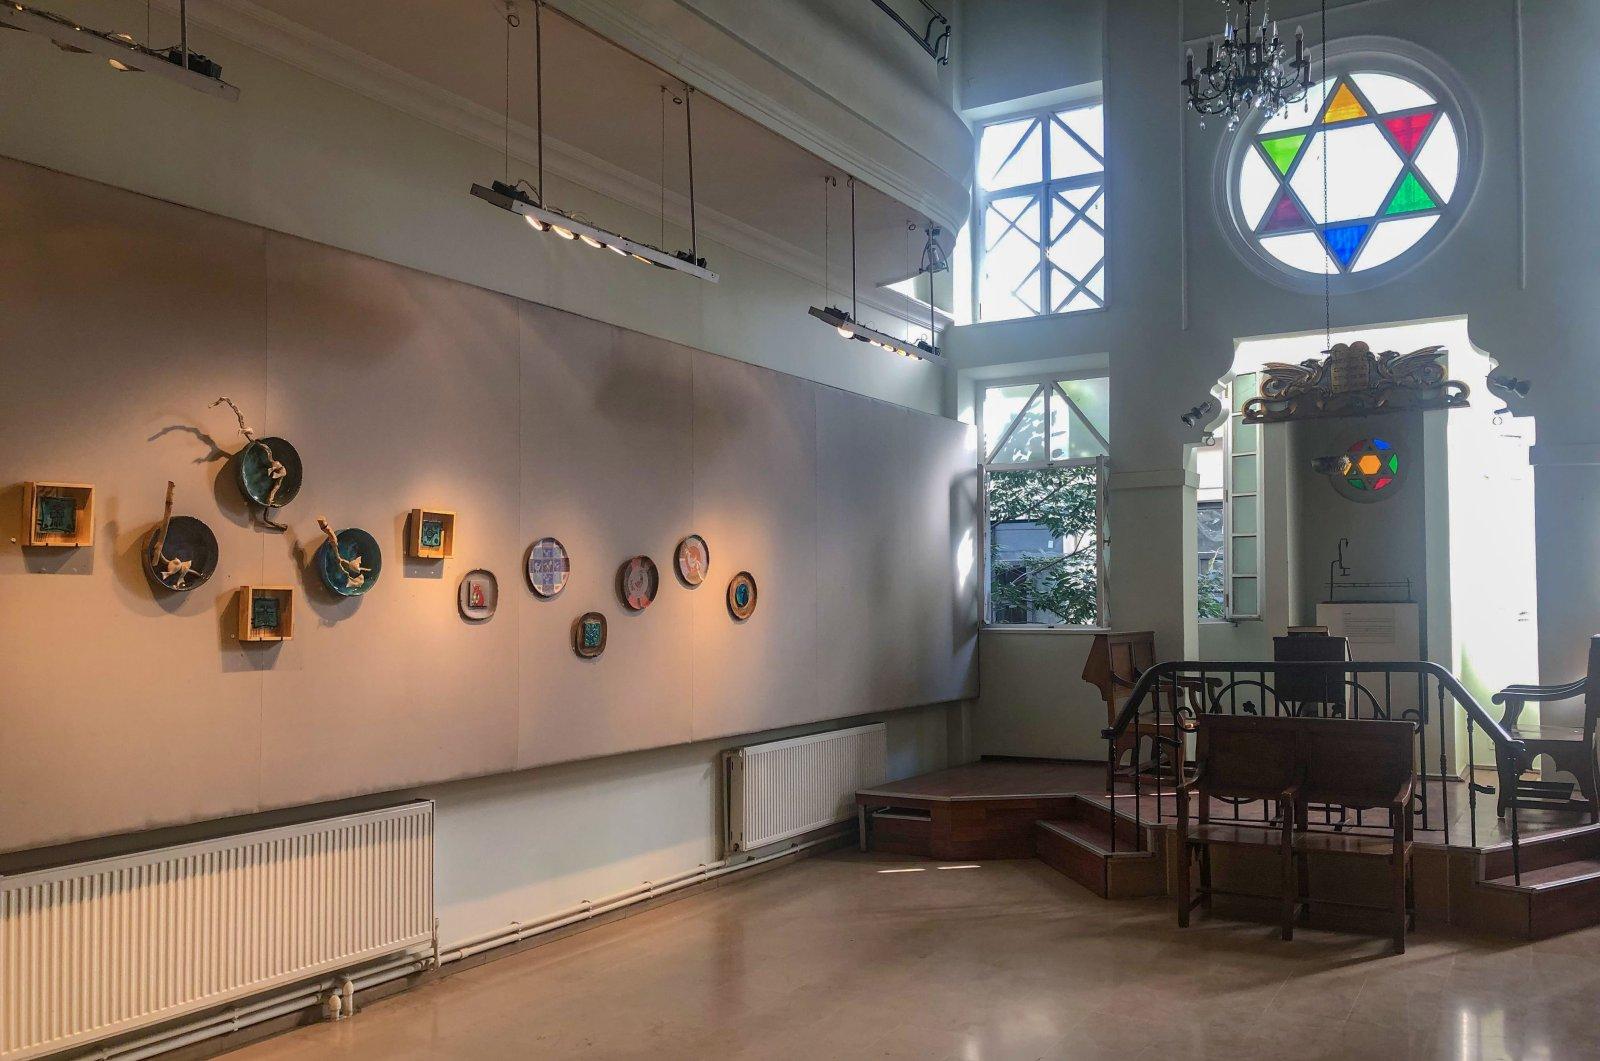 """The entrance to the Schneidertempel art gallery and ceramicist Defne Küçük's """"Bird Frequency"""" exhibition on display, in Istanbul, Turkey. (Photos by Matt Hanson)"""